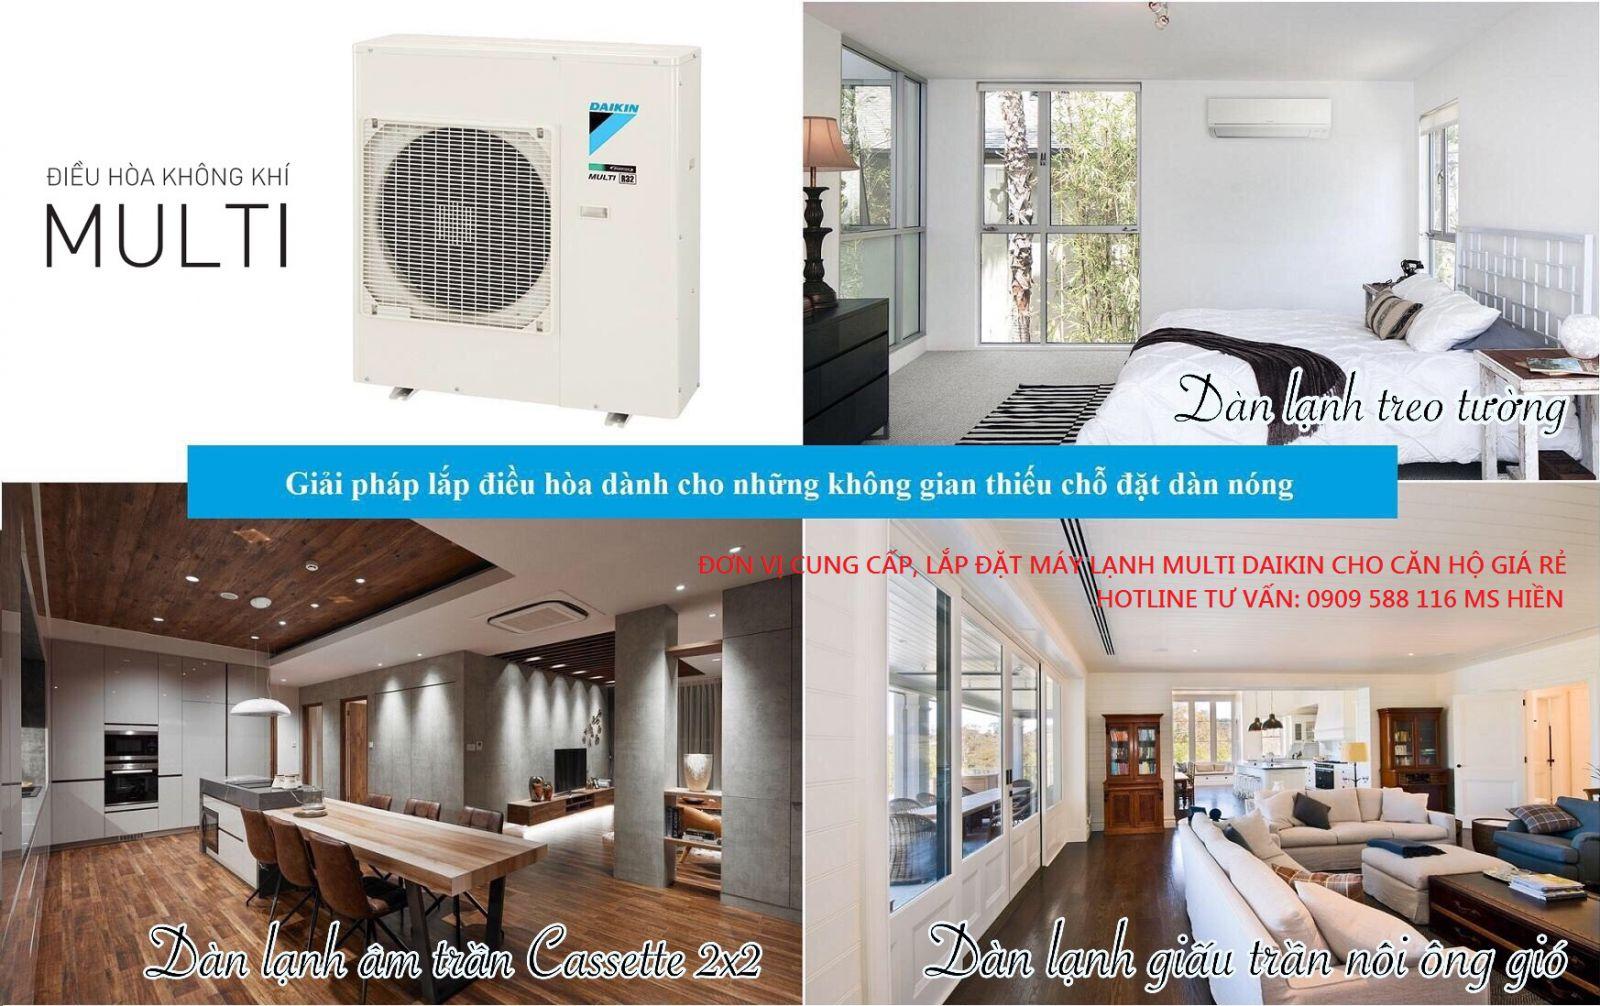 Máy lạnh Multi Daikin – Tiết kiệm diện tích đặt dàn nóng, hiệu suất cao & tiện nghi